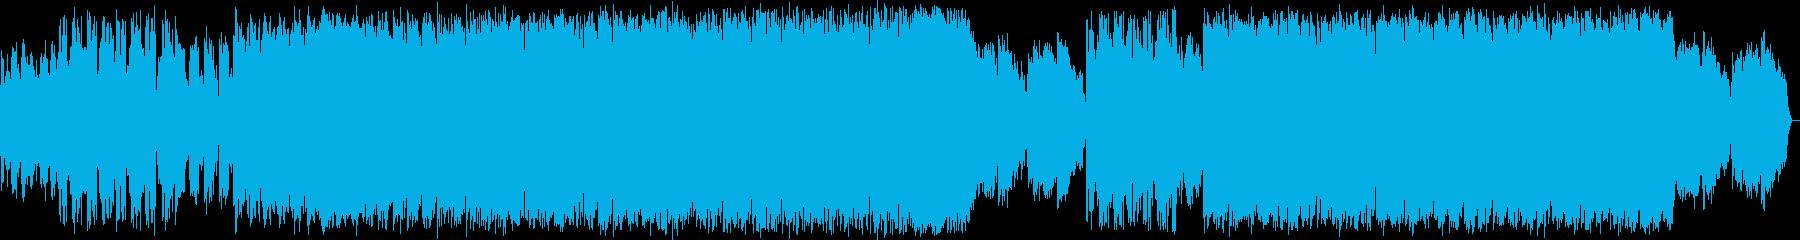 躍動感のあるシンセポップハウス系の再生済みの波形